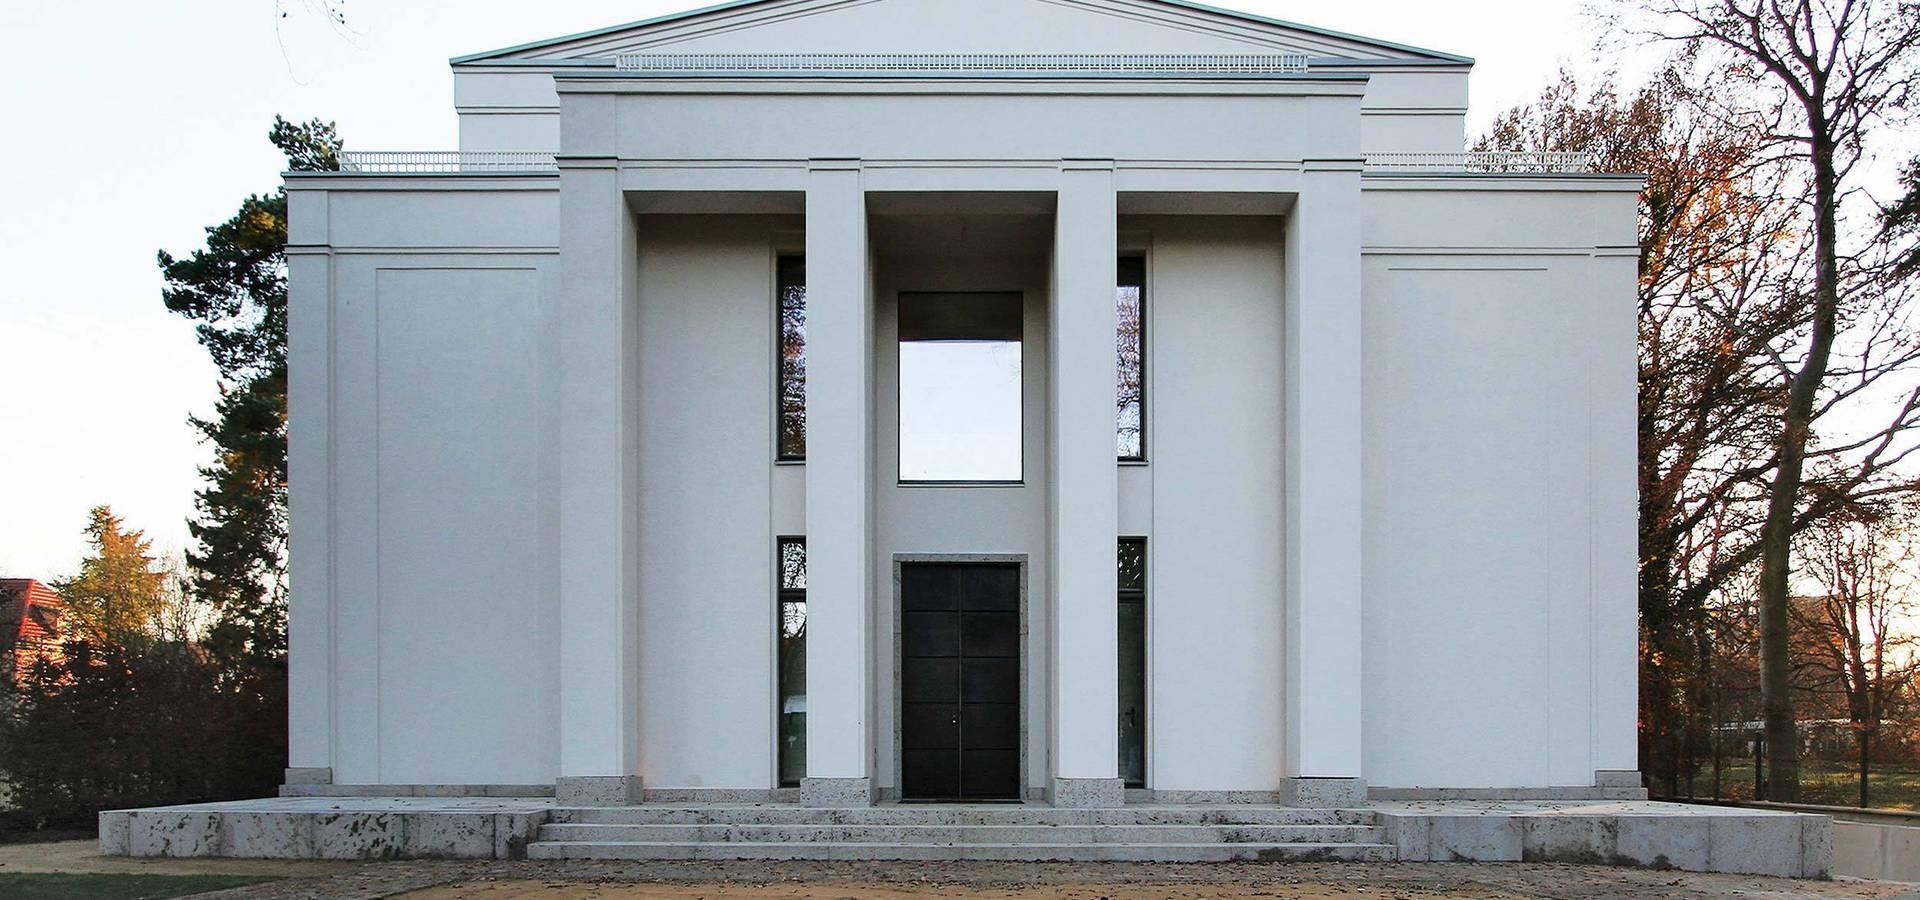 CG VOGEL ARCHITEKTEN